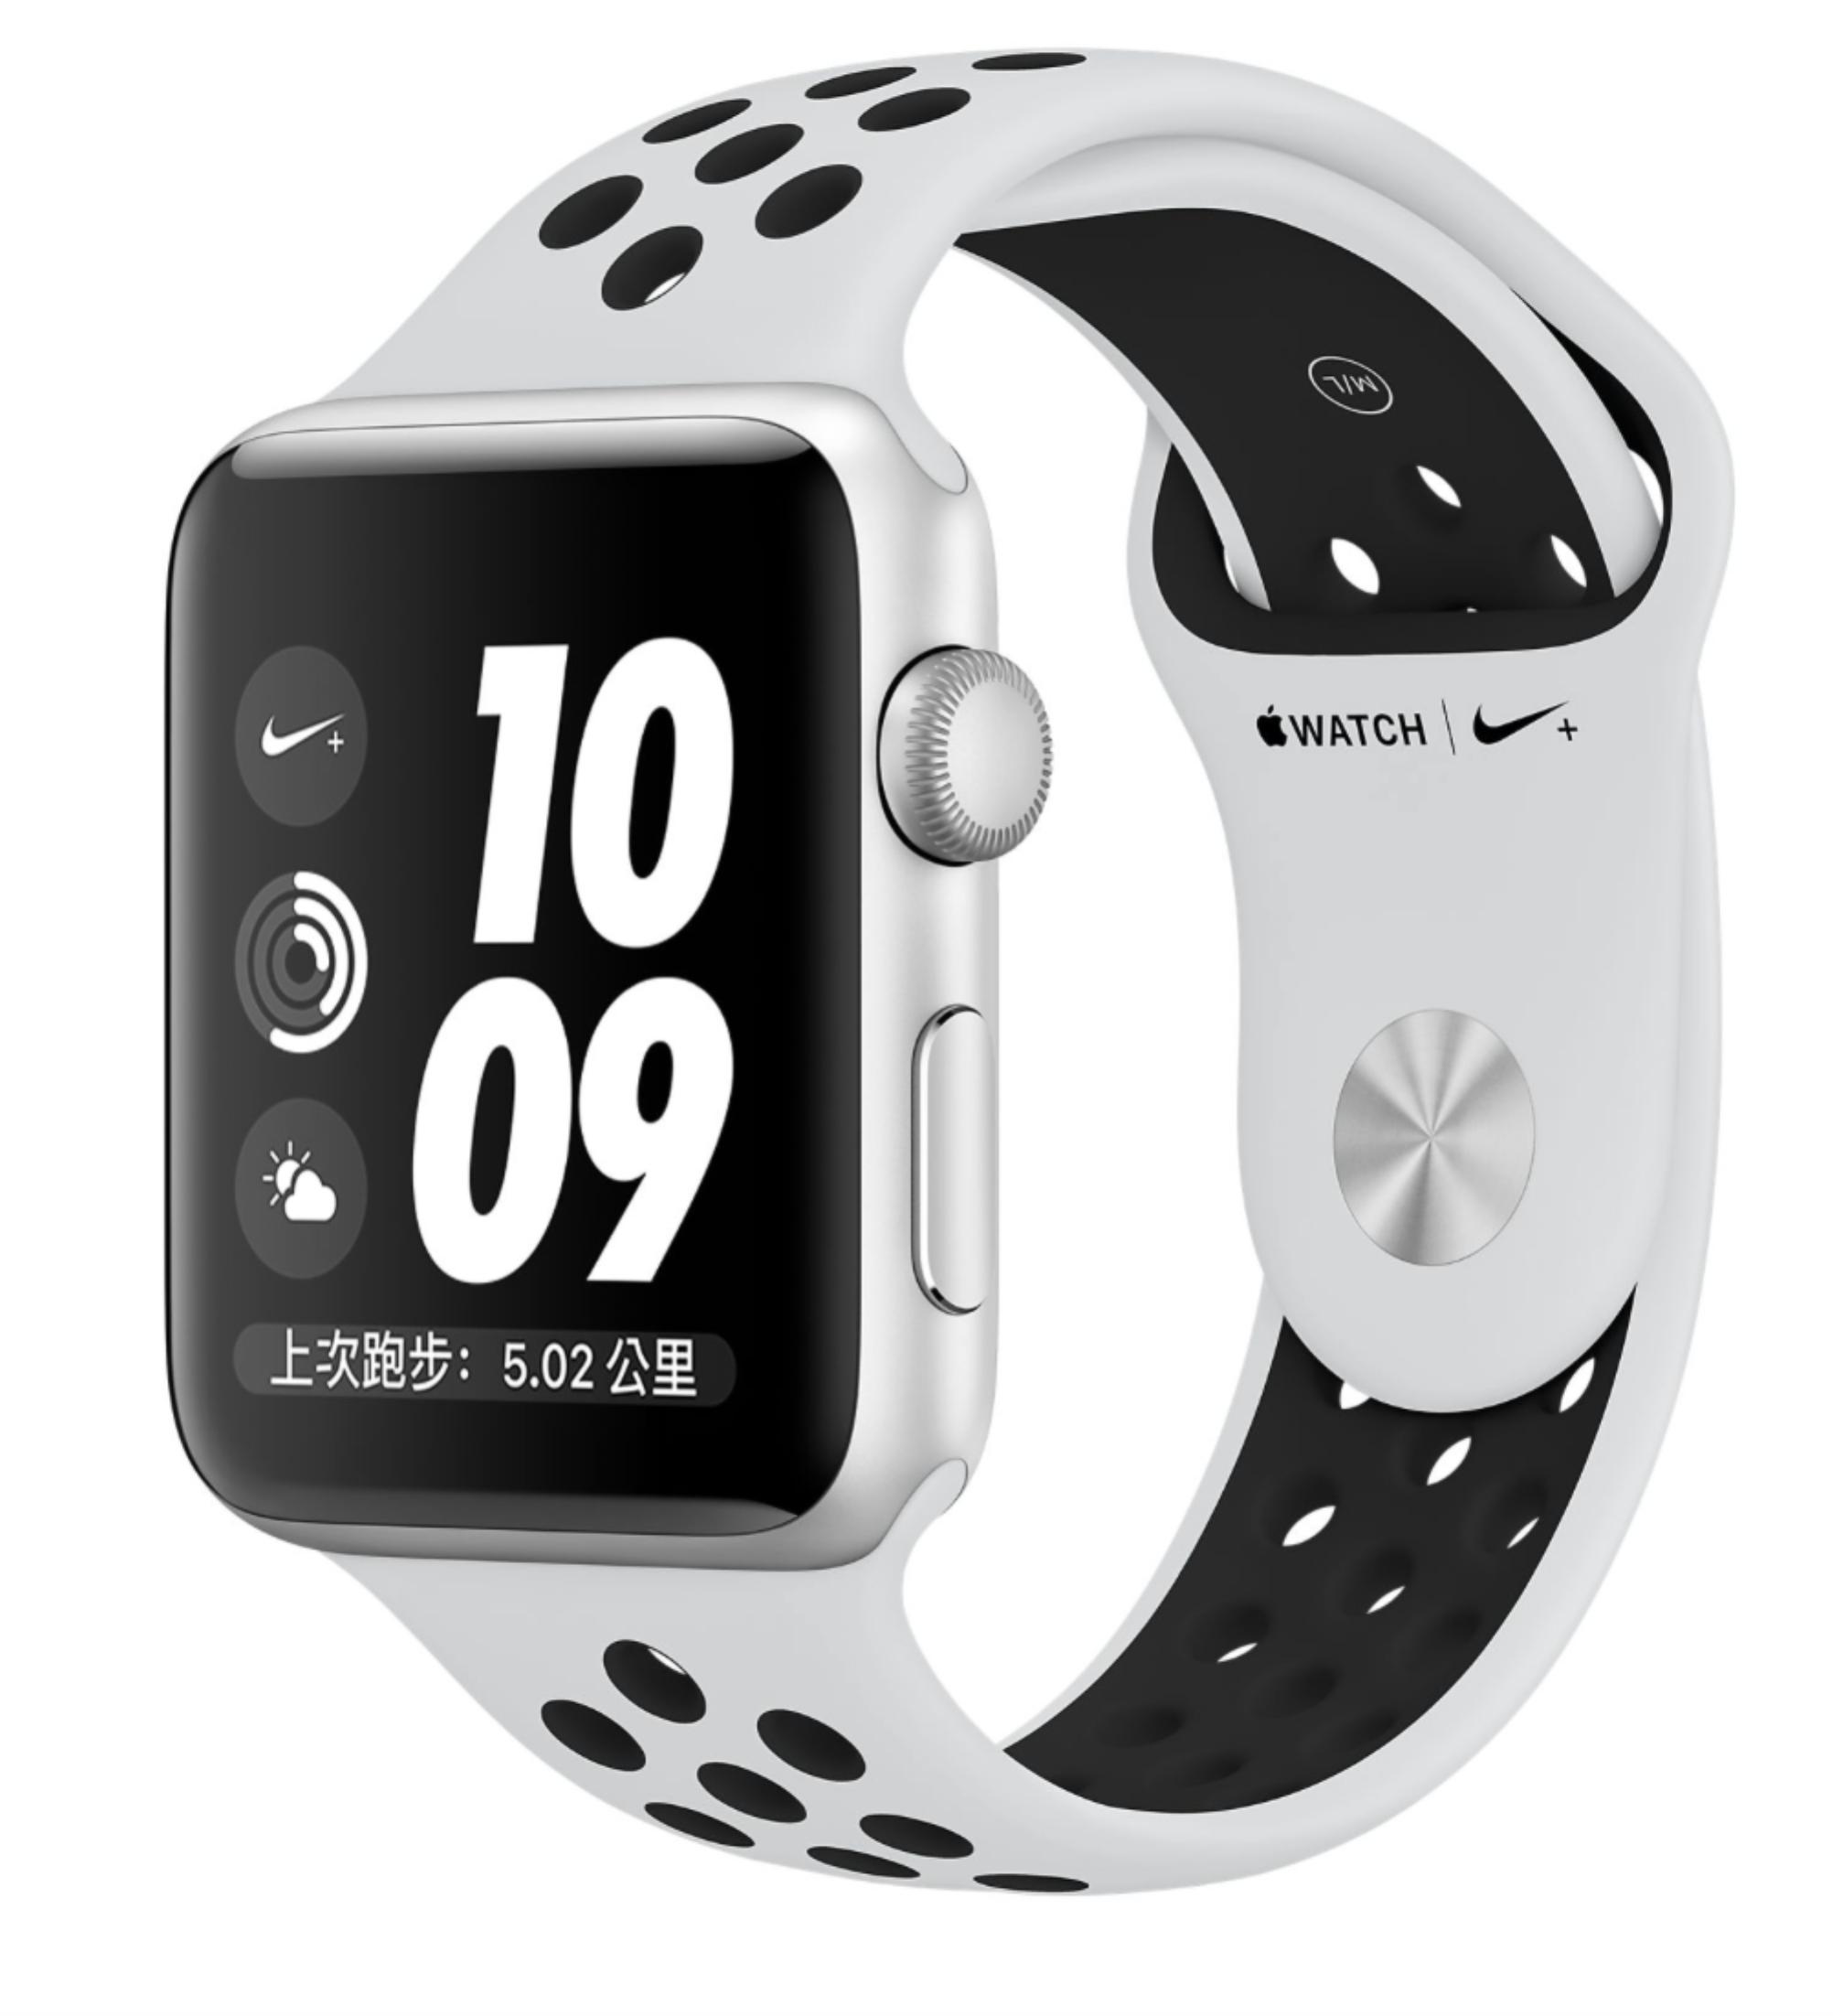 STUDIO A 歡慶白色情人節 Apple Watch 現折 1314 元 全館配件第二件9折